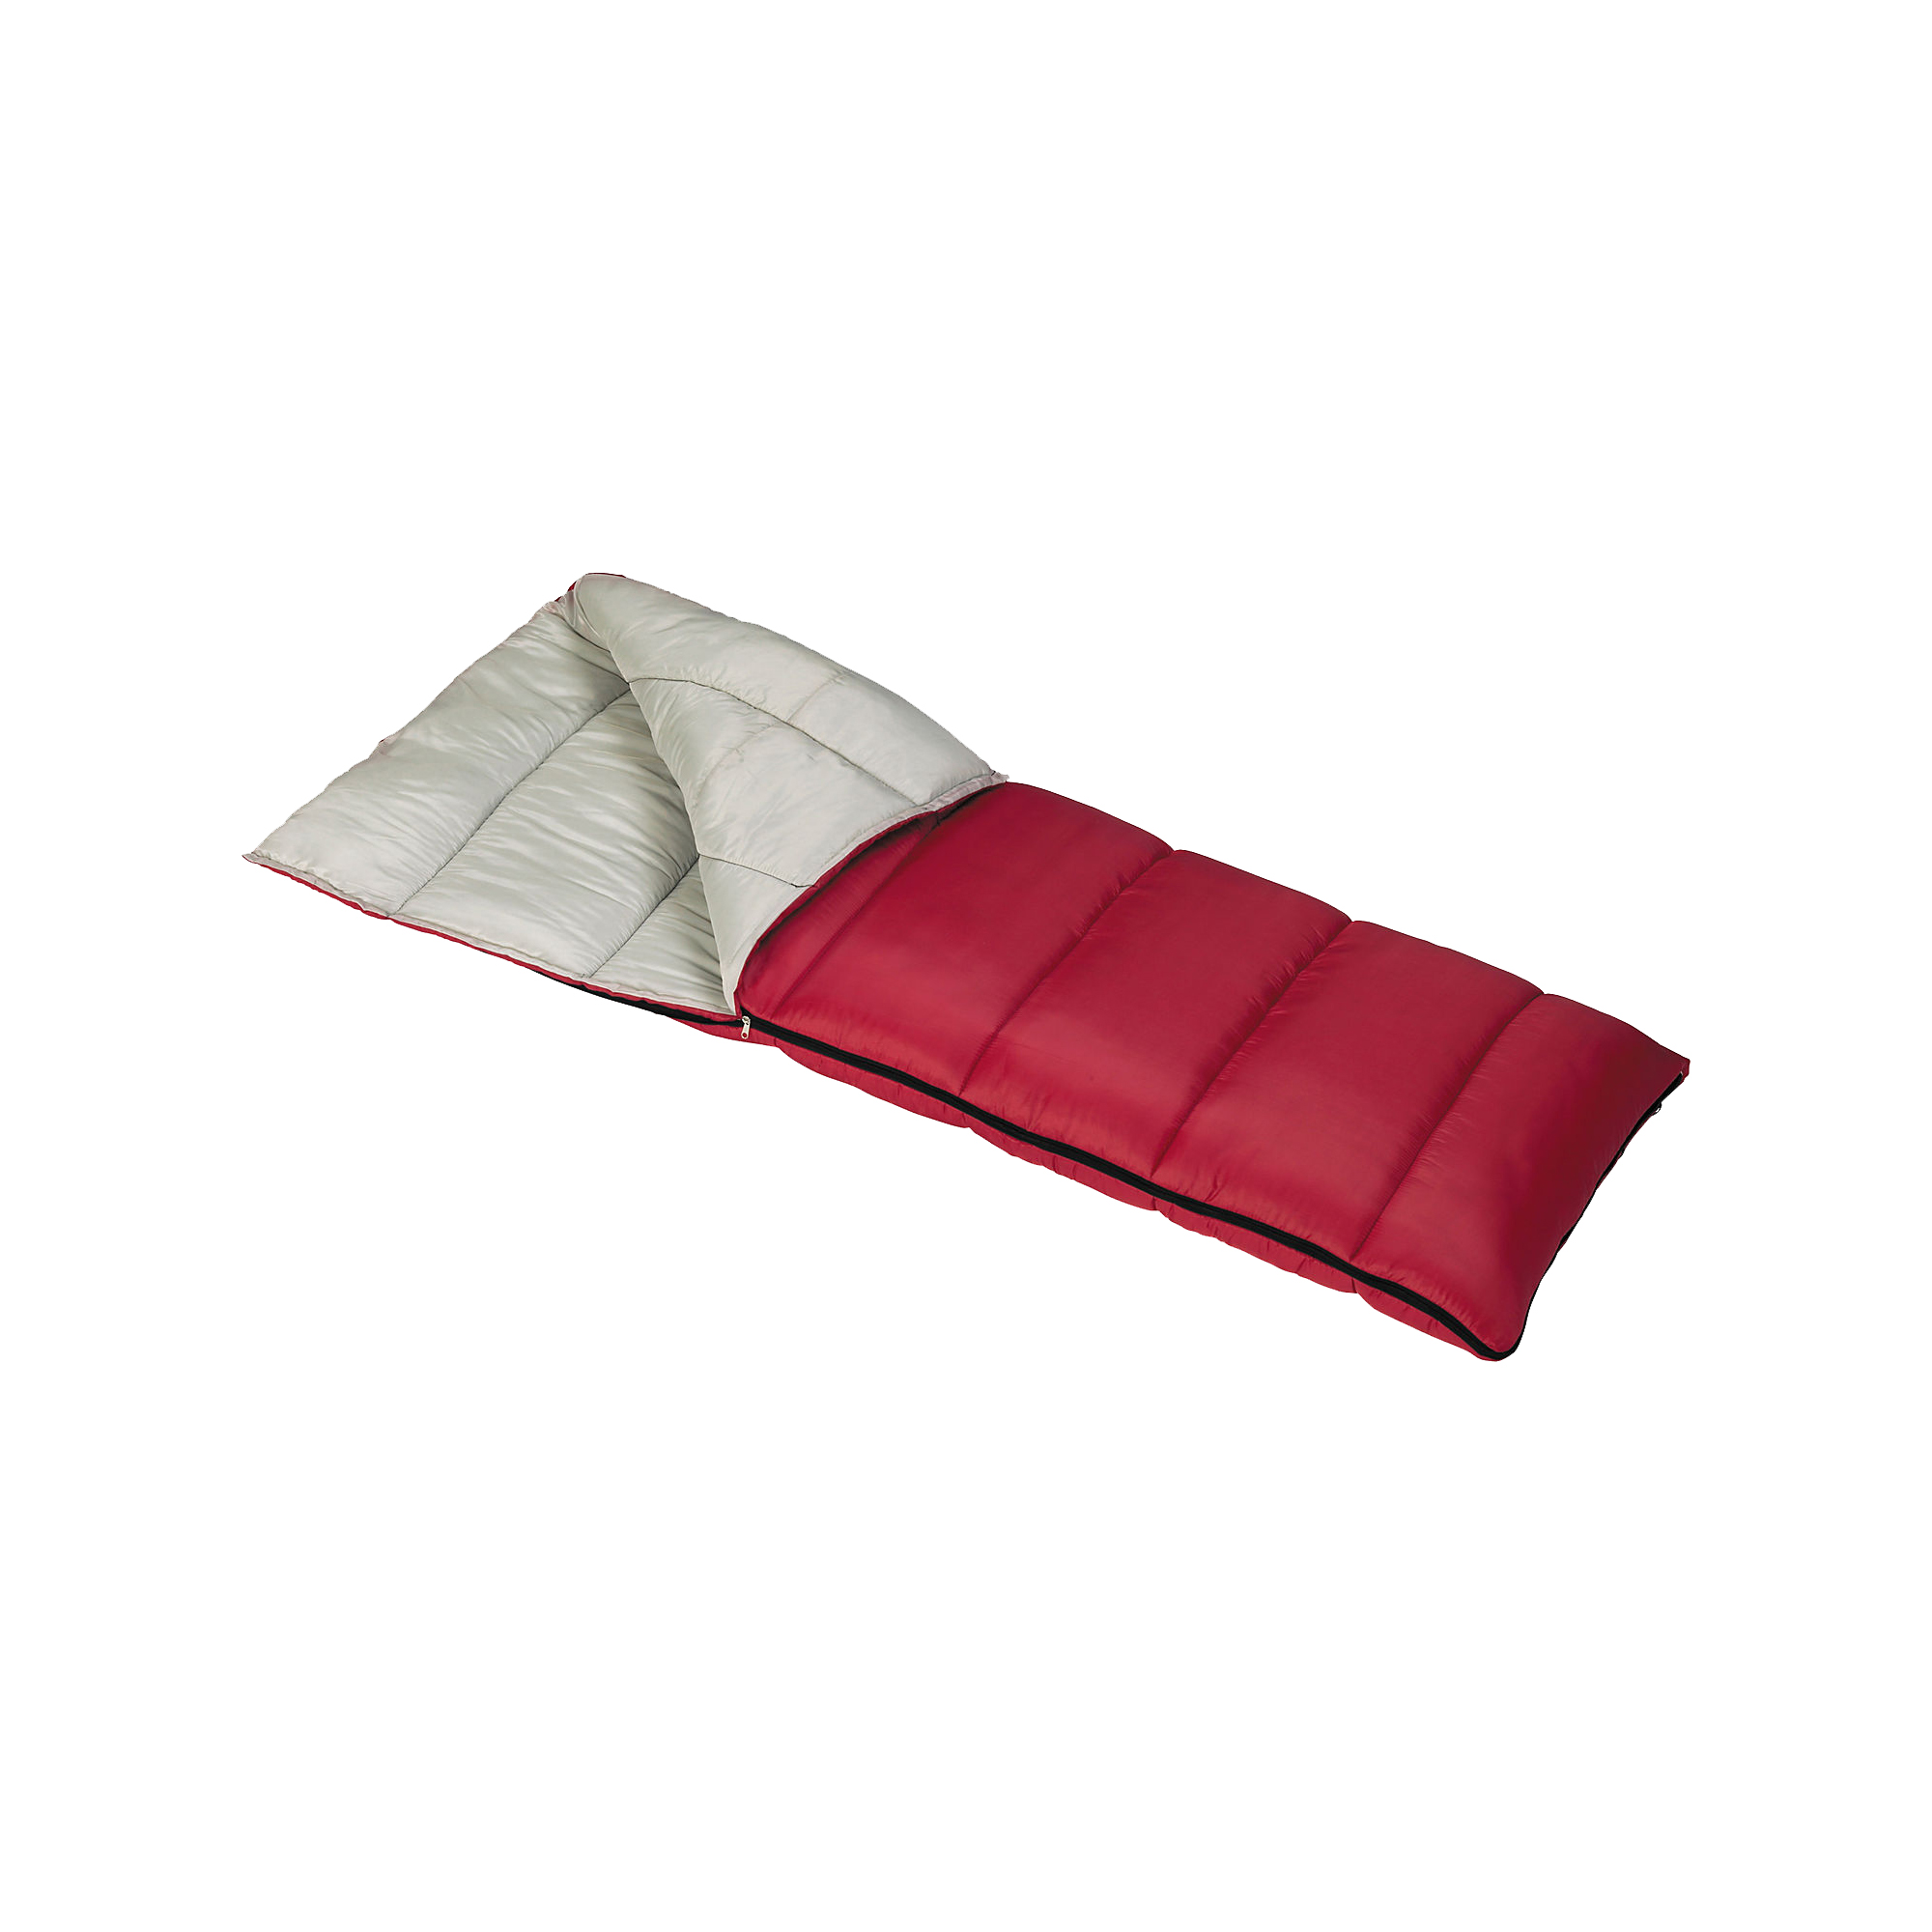 Sleeping Bags 001 Sleb Backpack Gear Inc